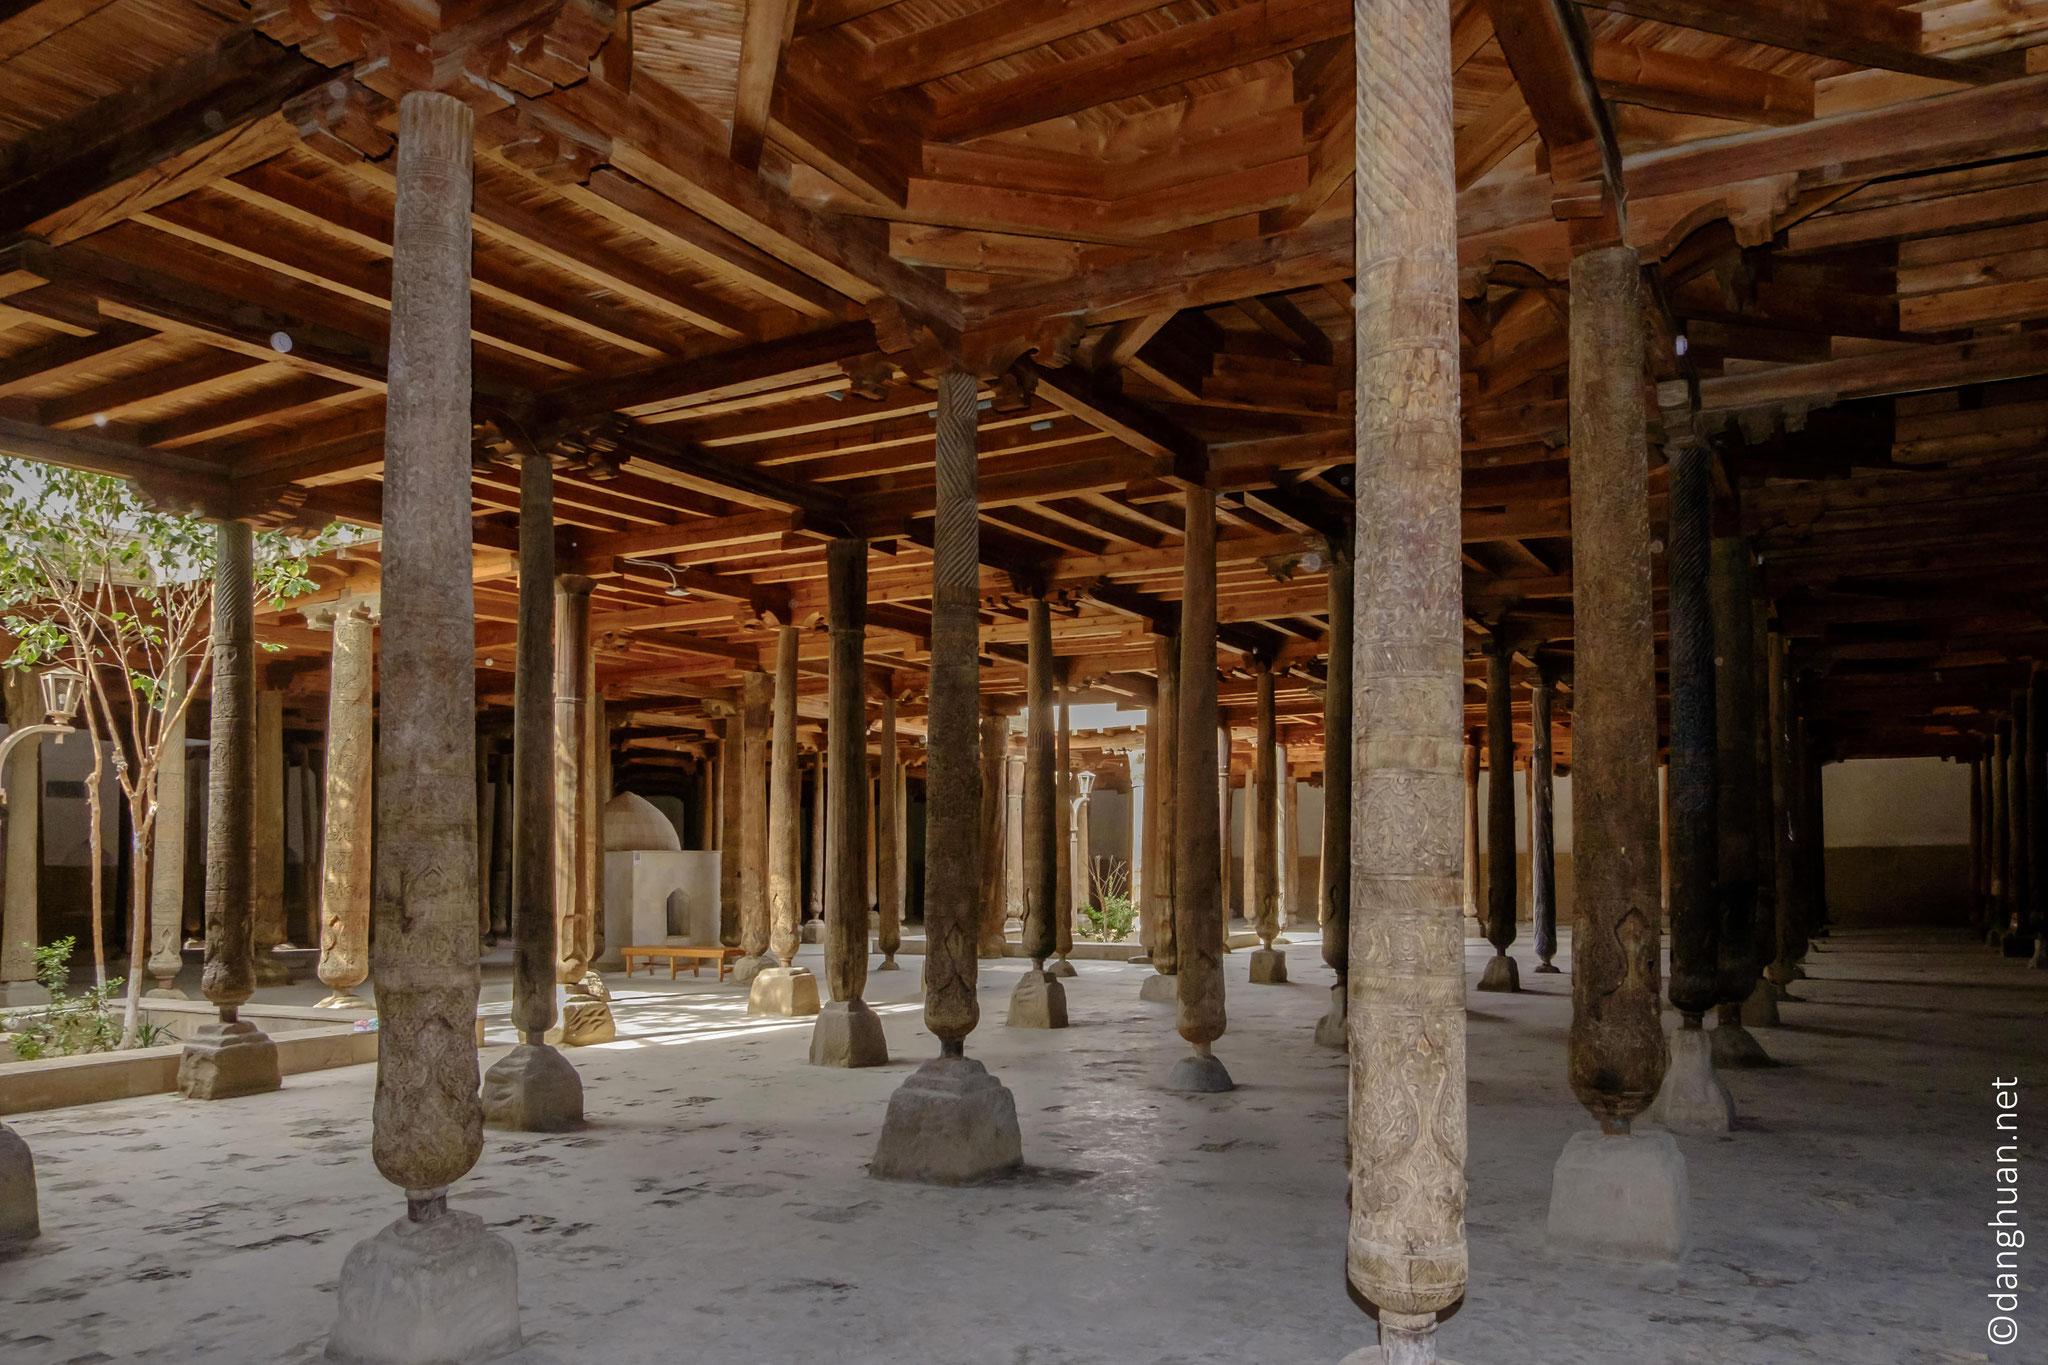 Mosquée Djouma et ses 213 colonnes en bois sculpté dont 80% ont été changées depuis l'indépendance du pays en 1991.. .